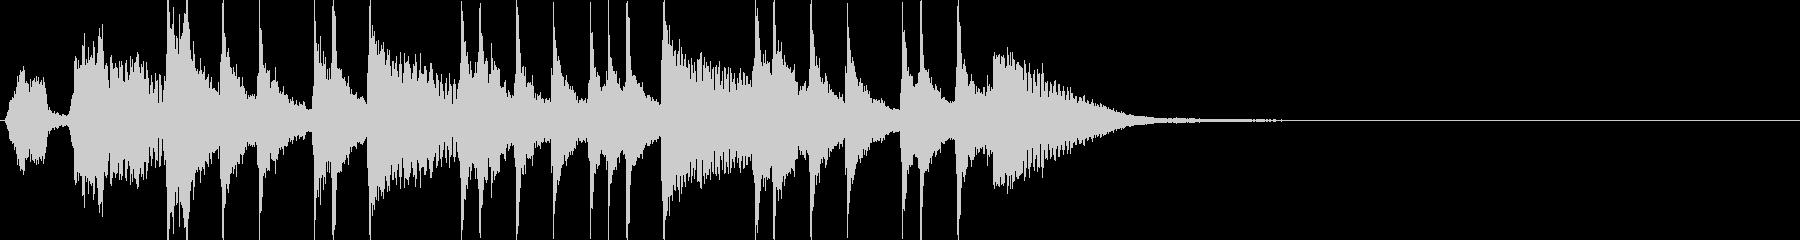 三味線ジングル 其の十二 曲芸2の未再生の波形